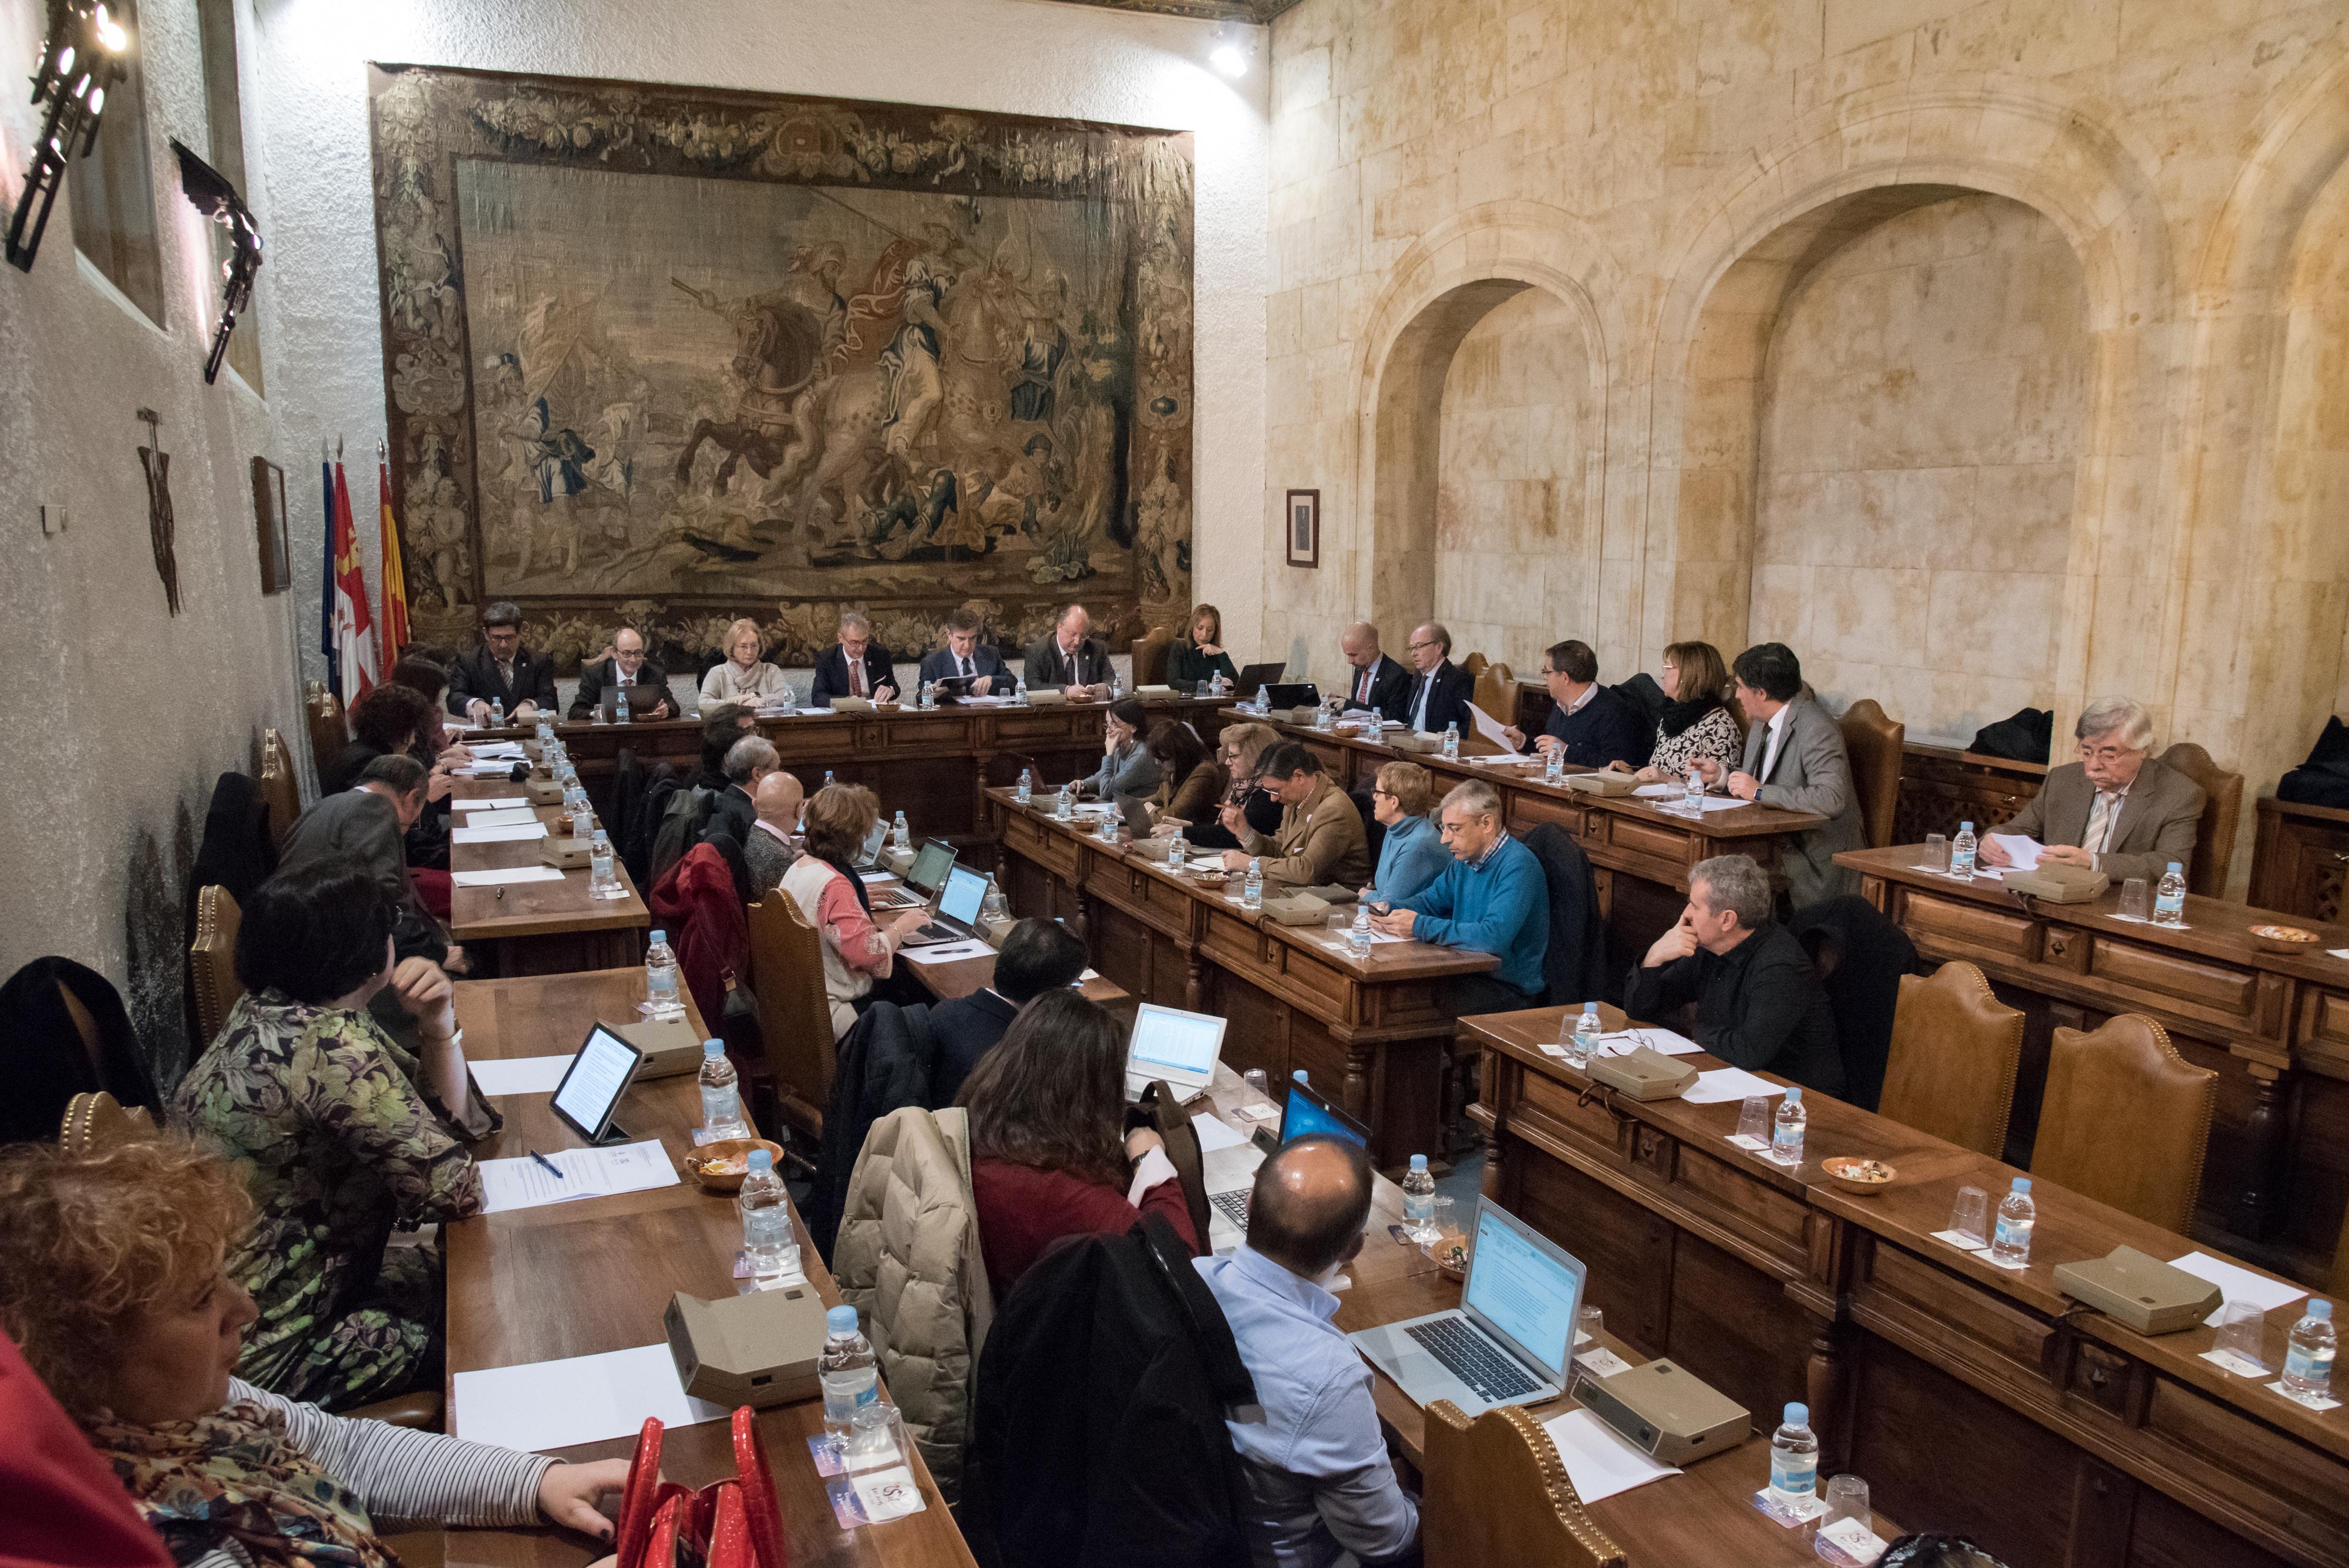 El Consejo de Gobierno aprueba el nuevo calendario académico para el curso 2018-2019, que adelanta una semana el inicio de las clases